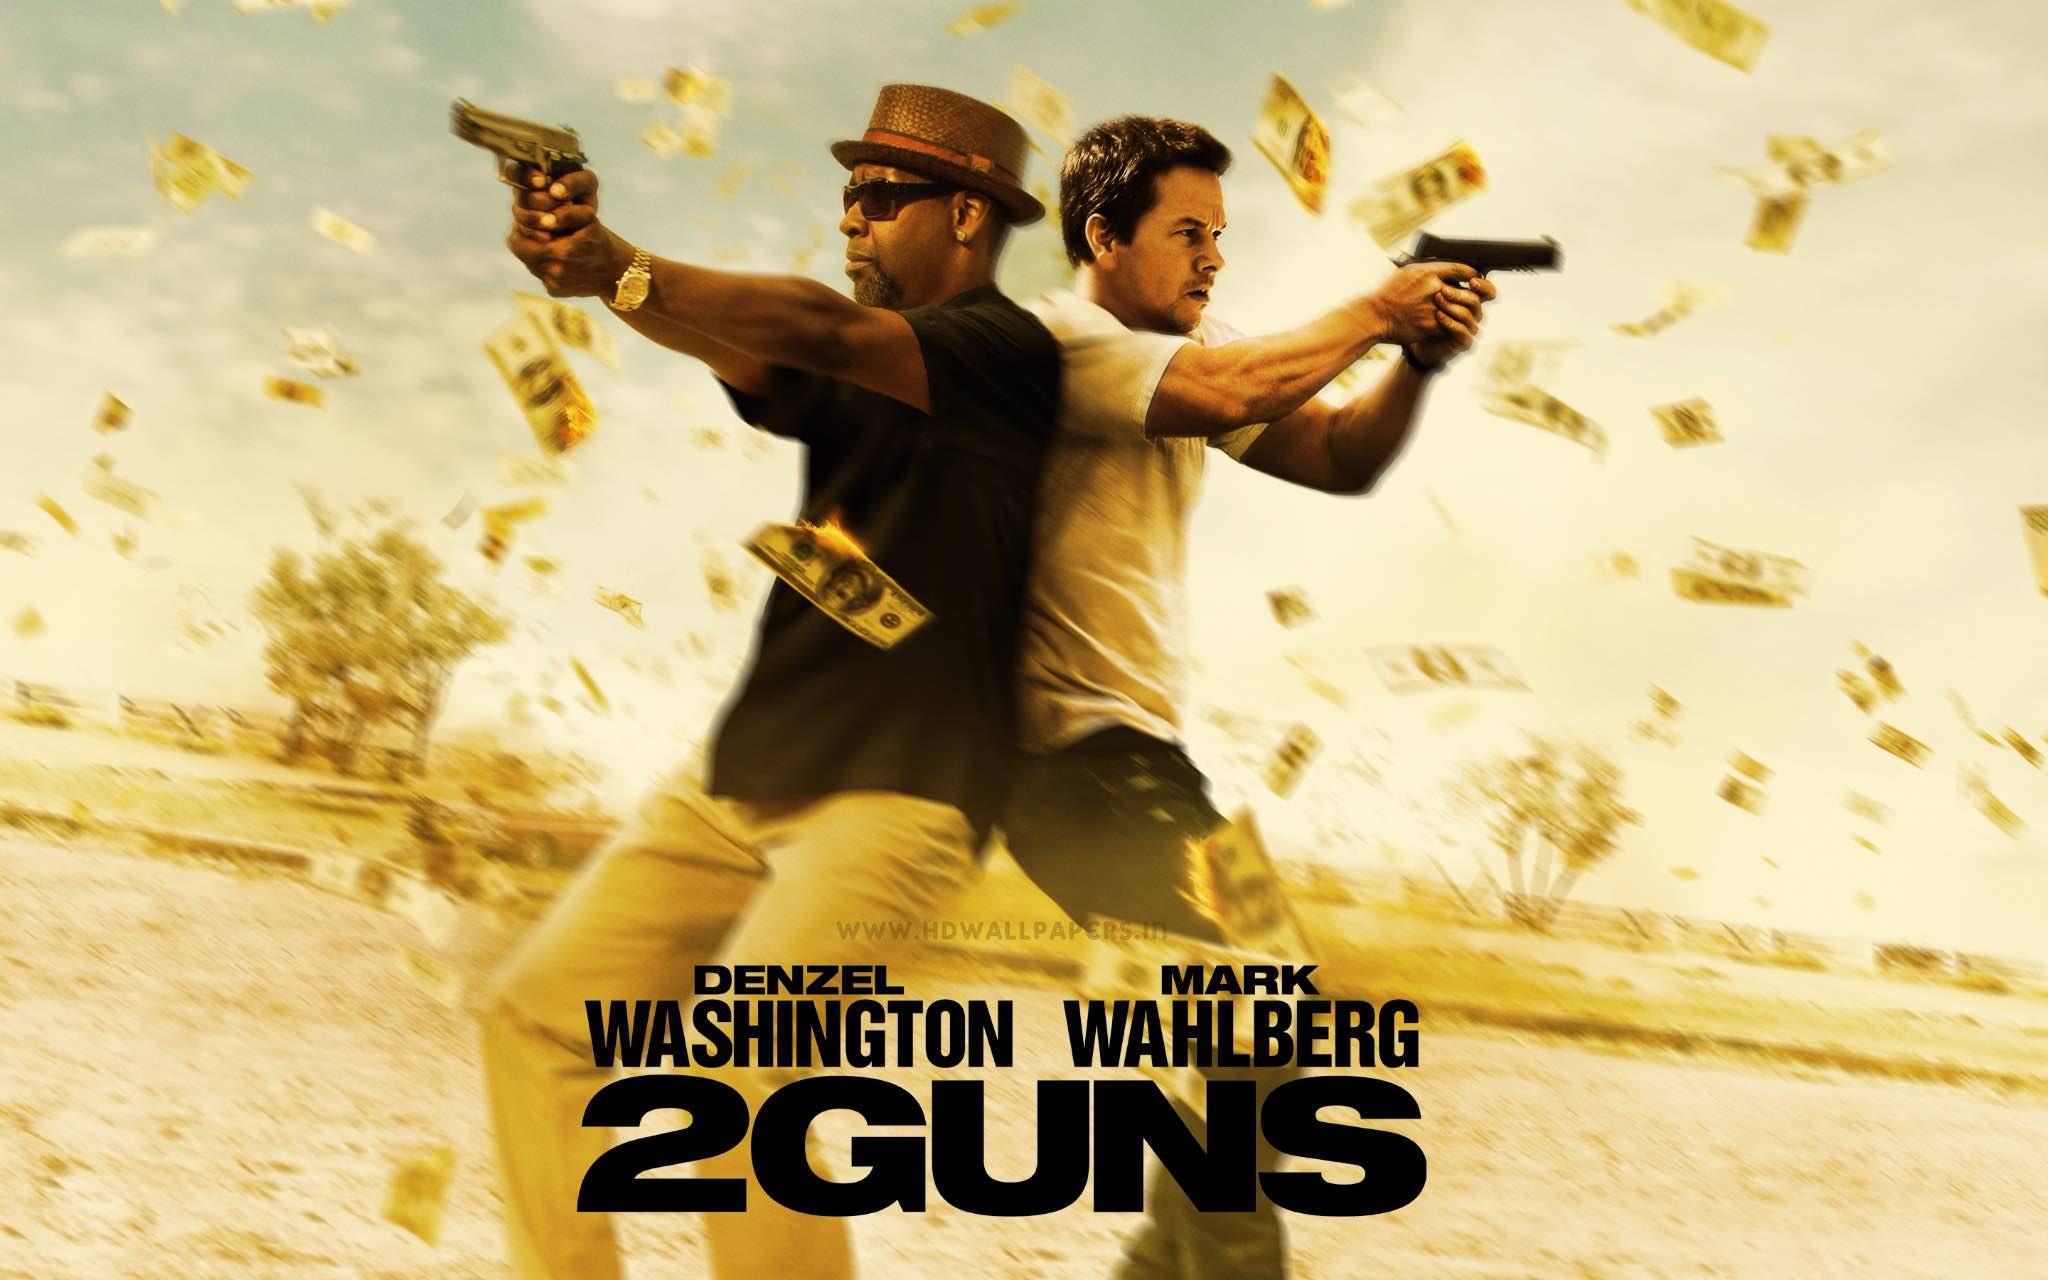 2_guns_movie-wide (1).jpg